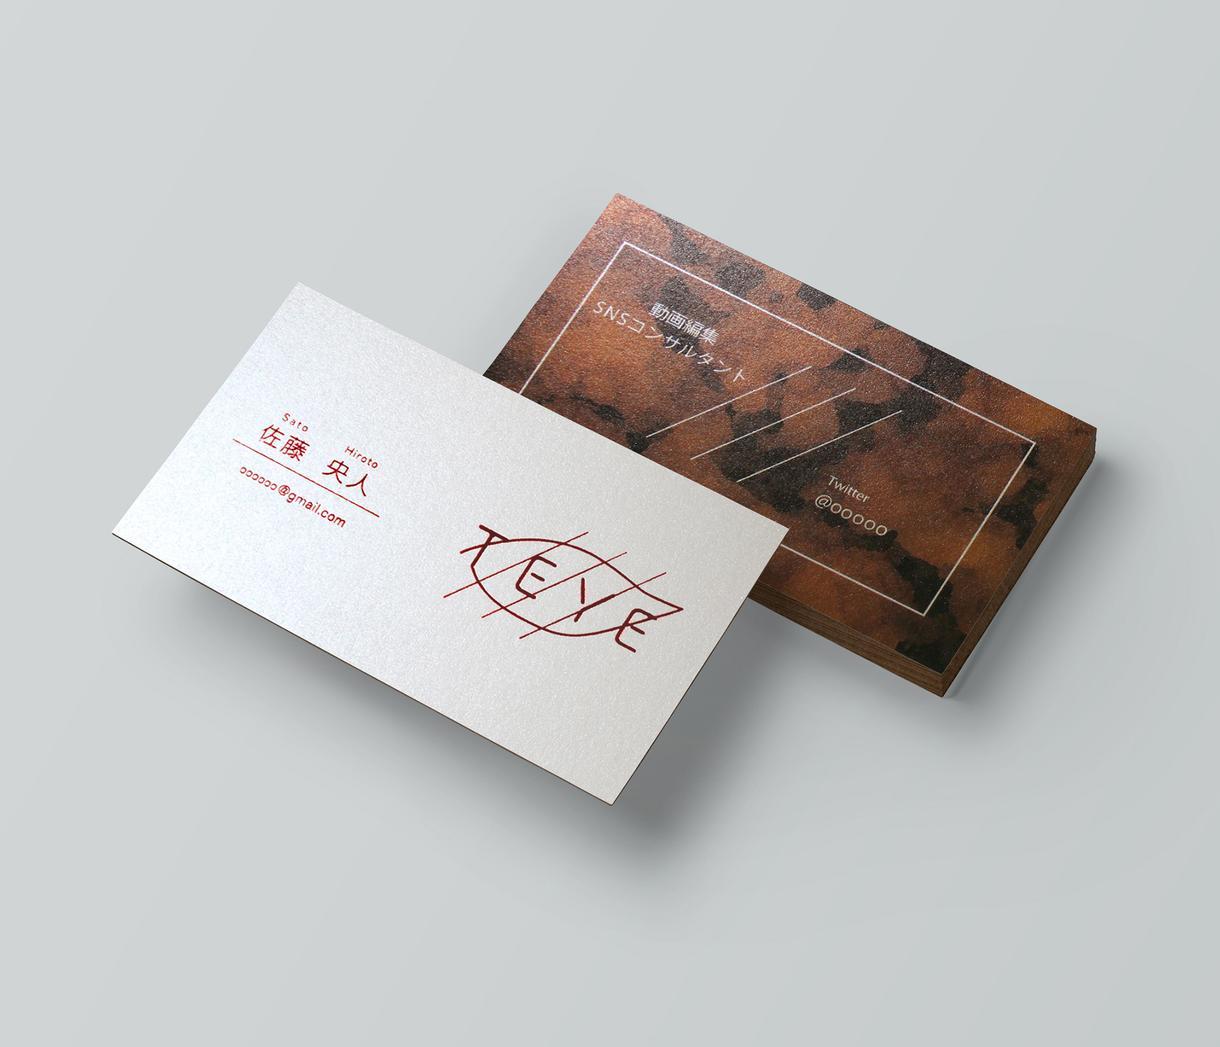 デザイン性の高い名刺・ショップカード作成します 妥協せず、全力で作成いたします。 イメージ1